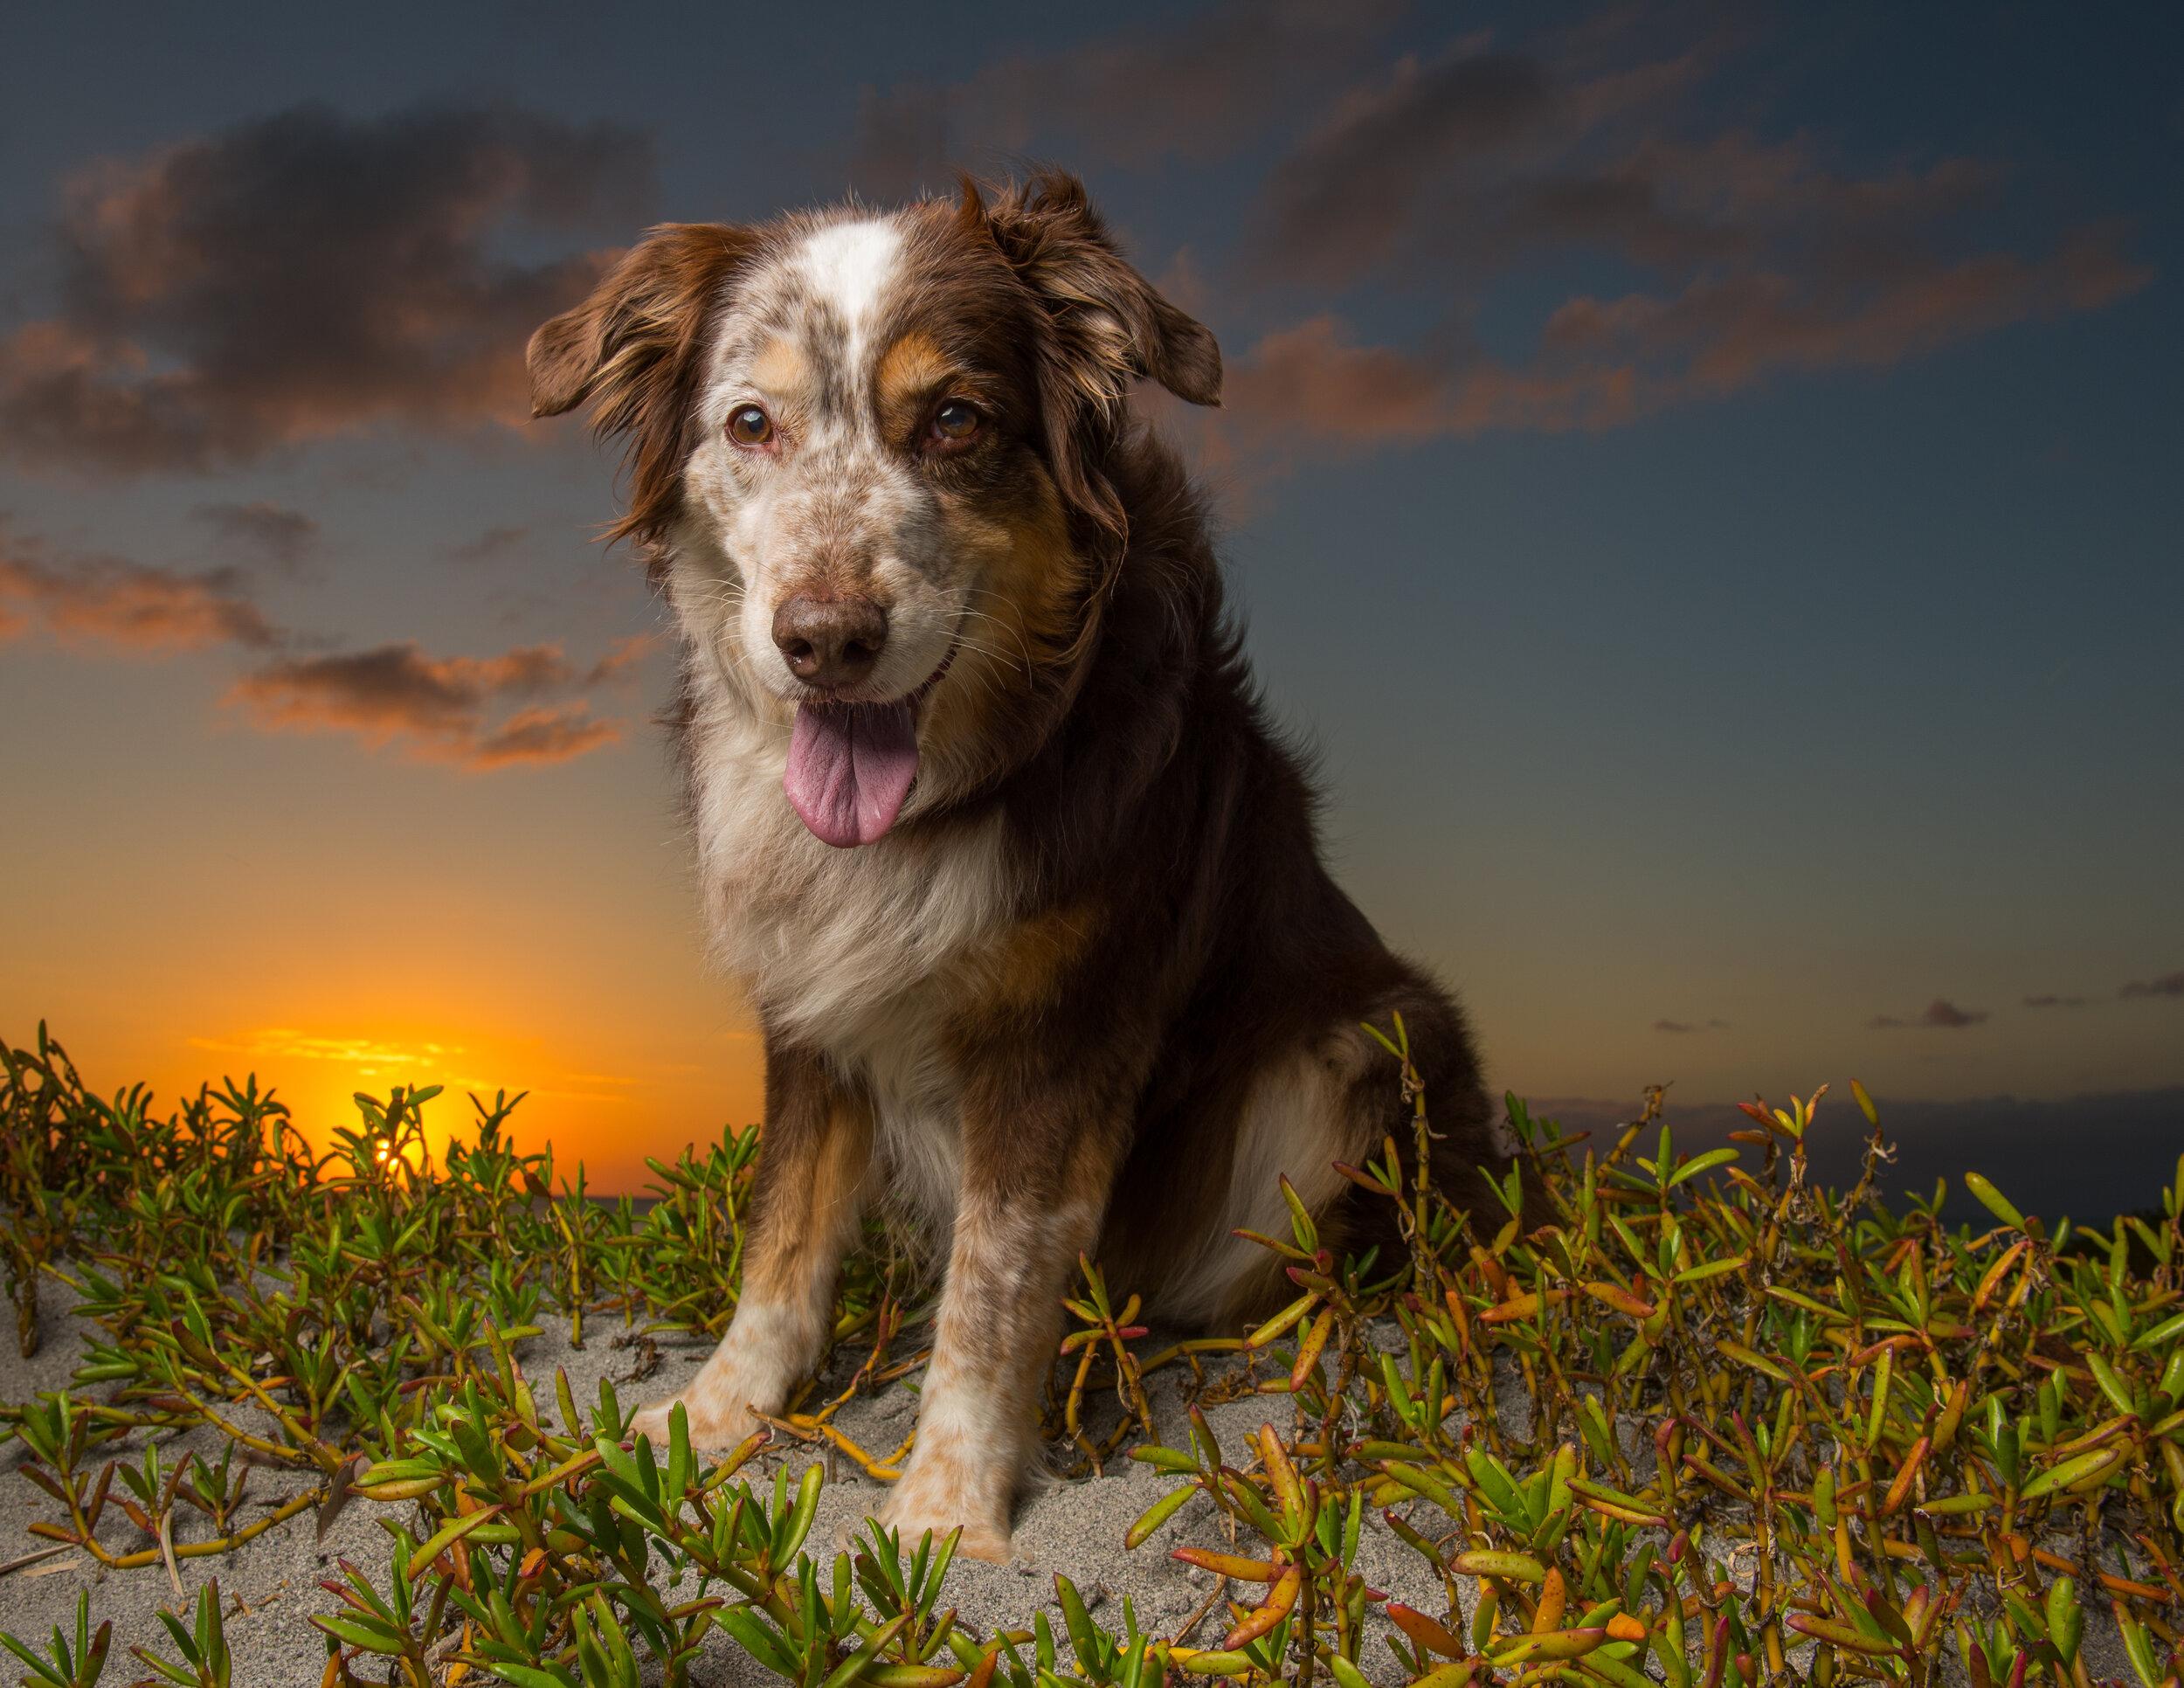 Australian Shepherd on beach at sunset